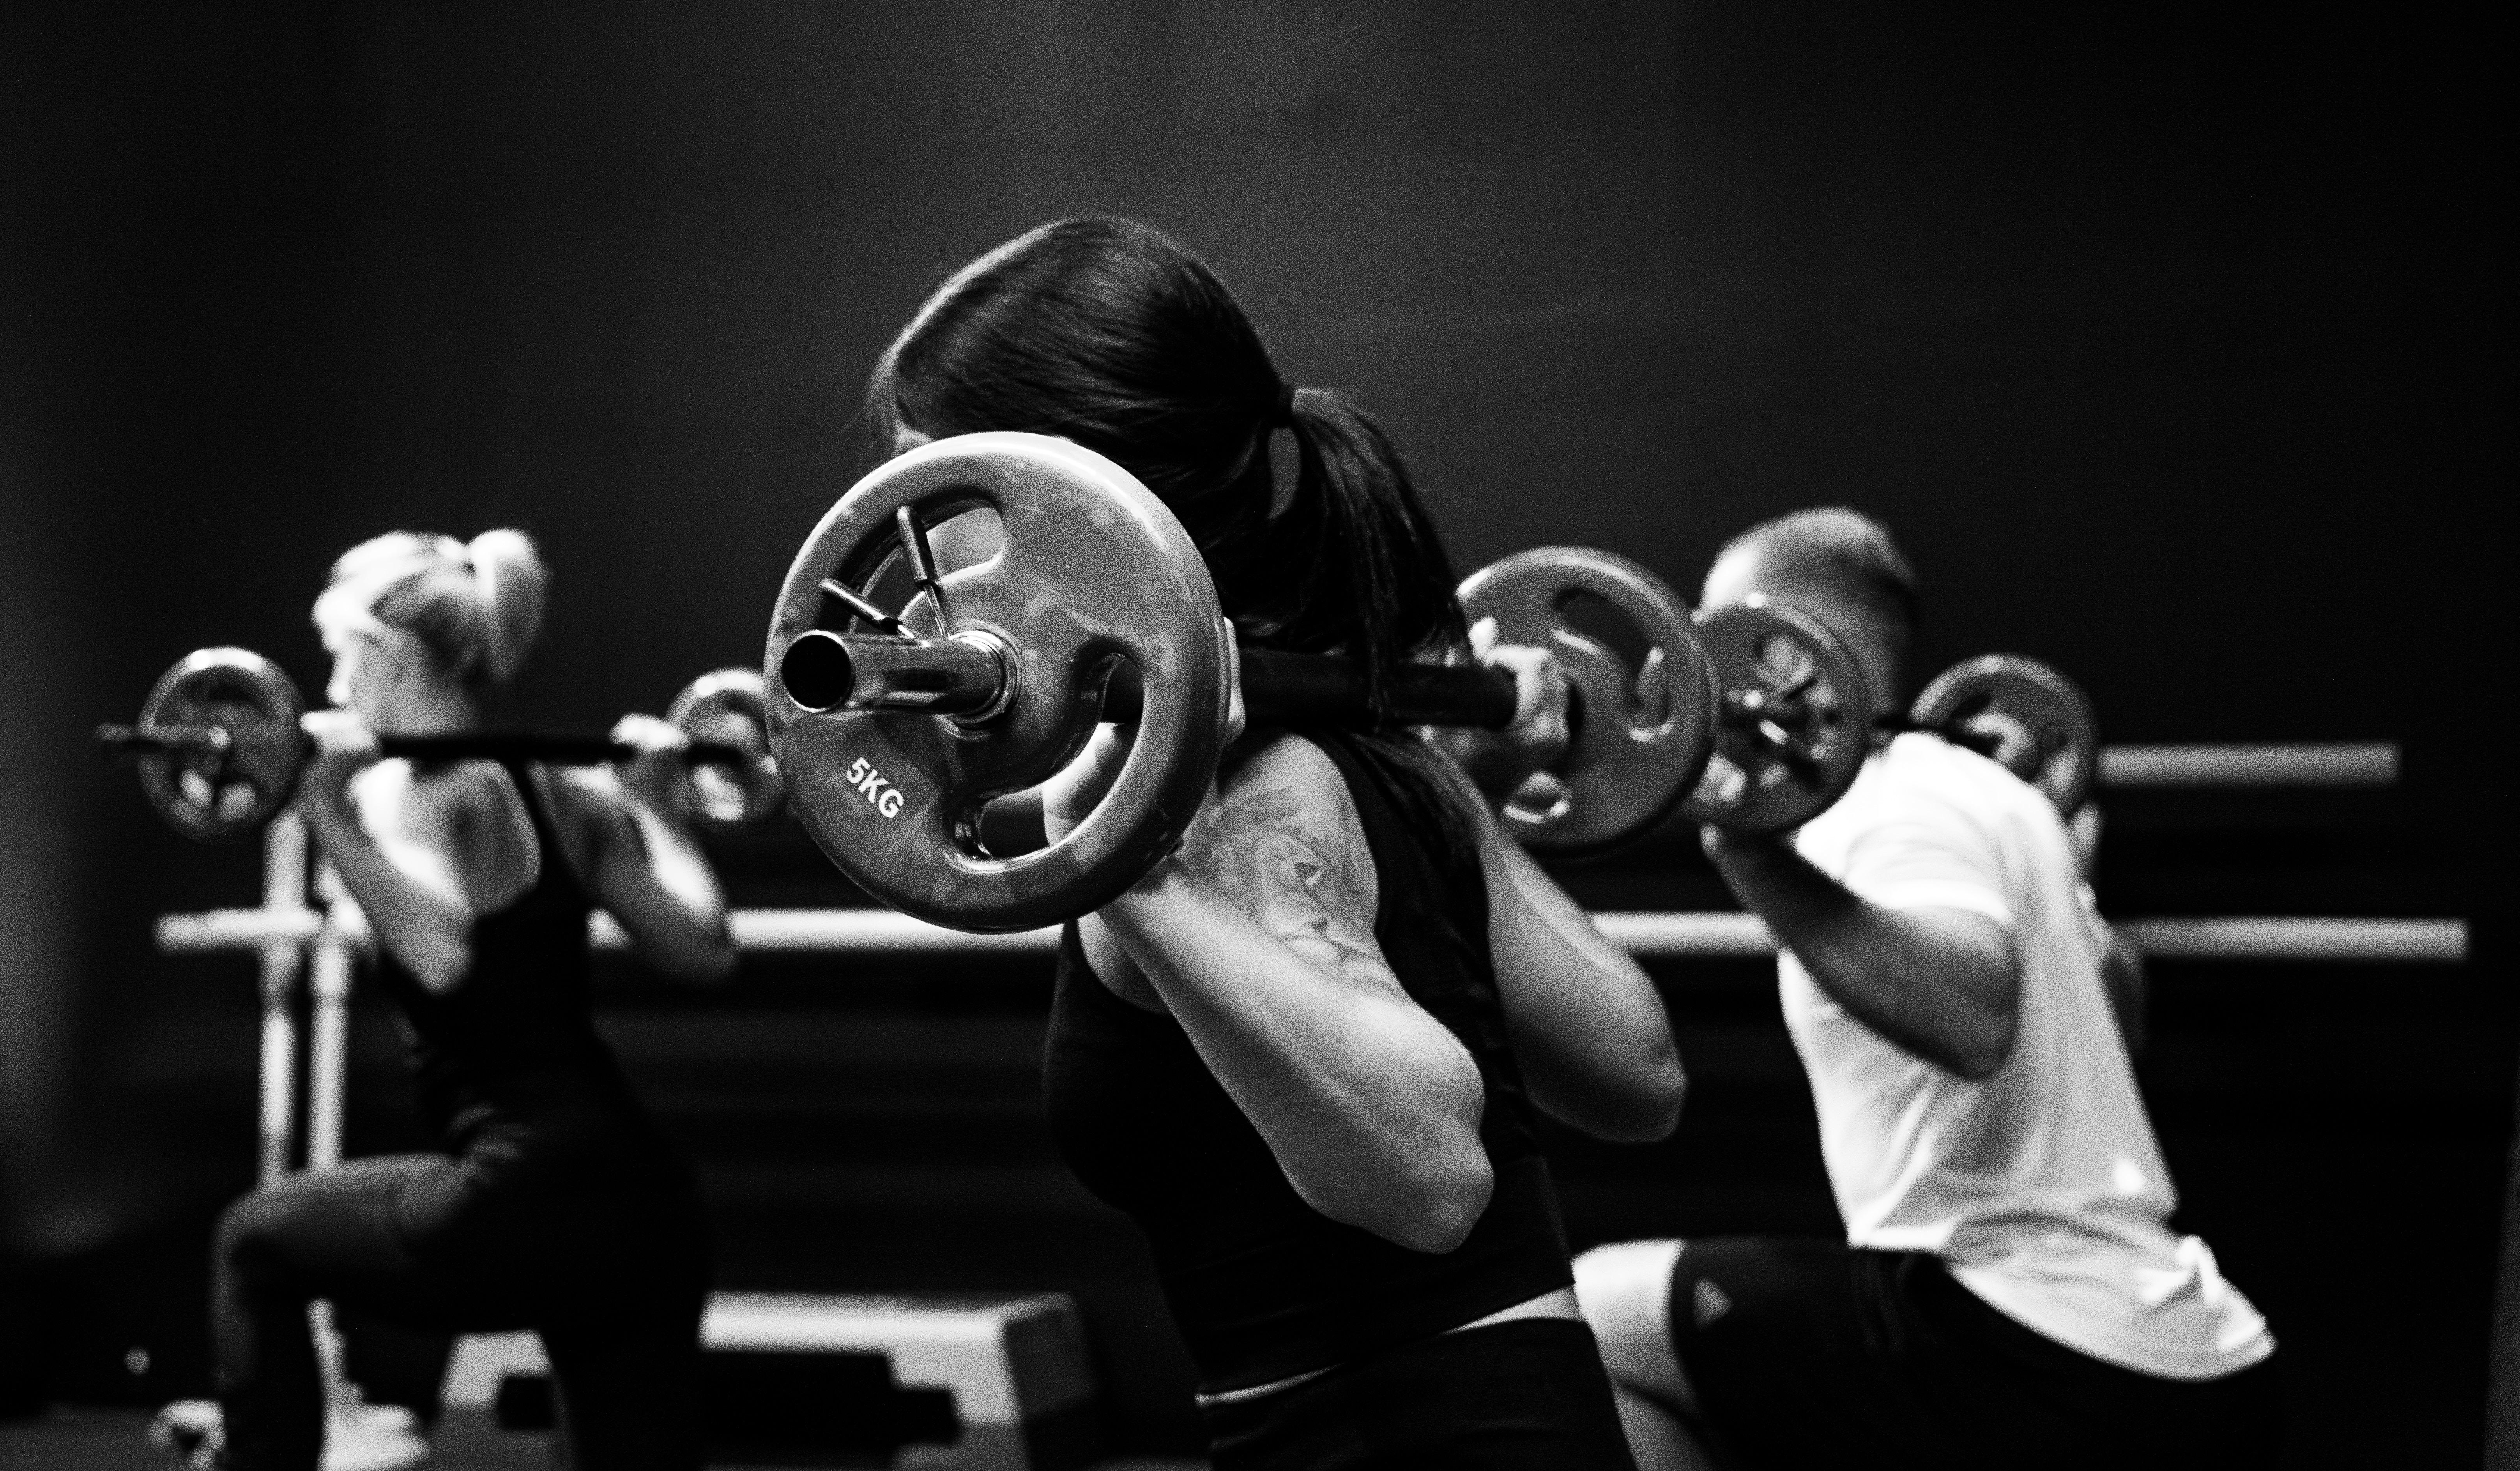 træning fitness pige træne (Foto: Unsplash)